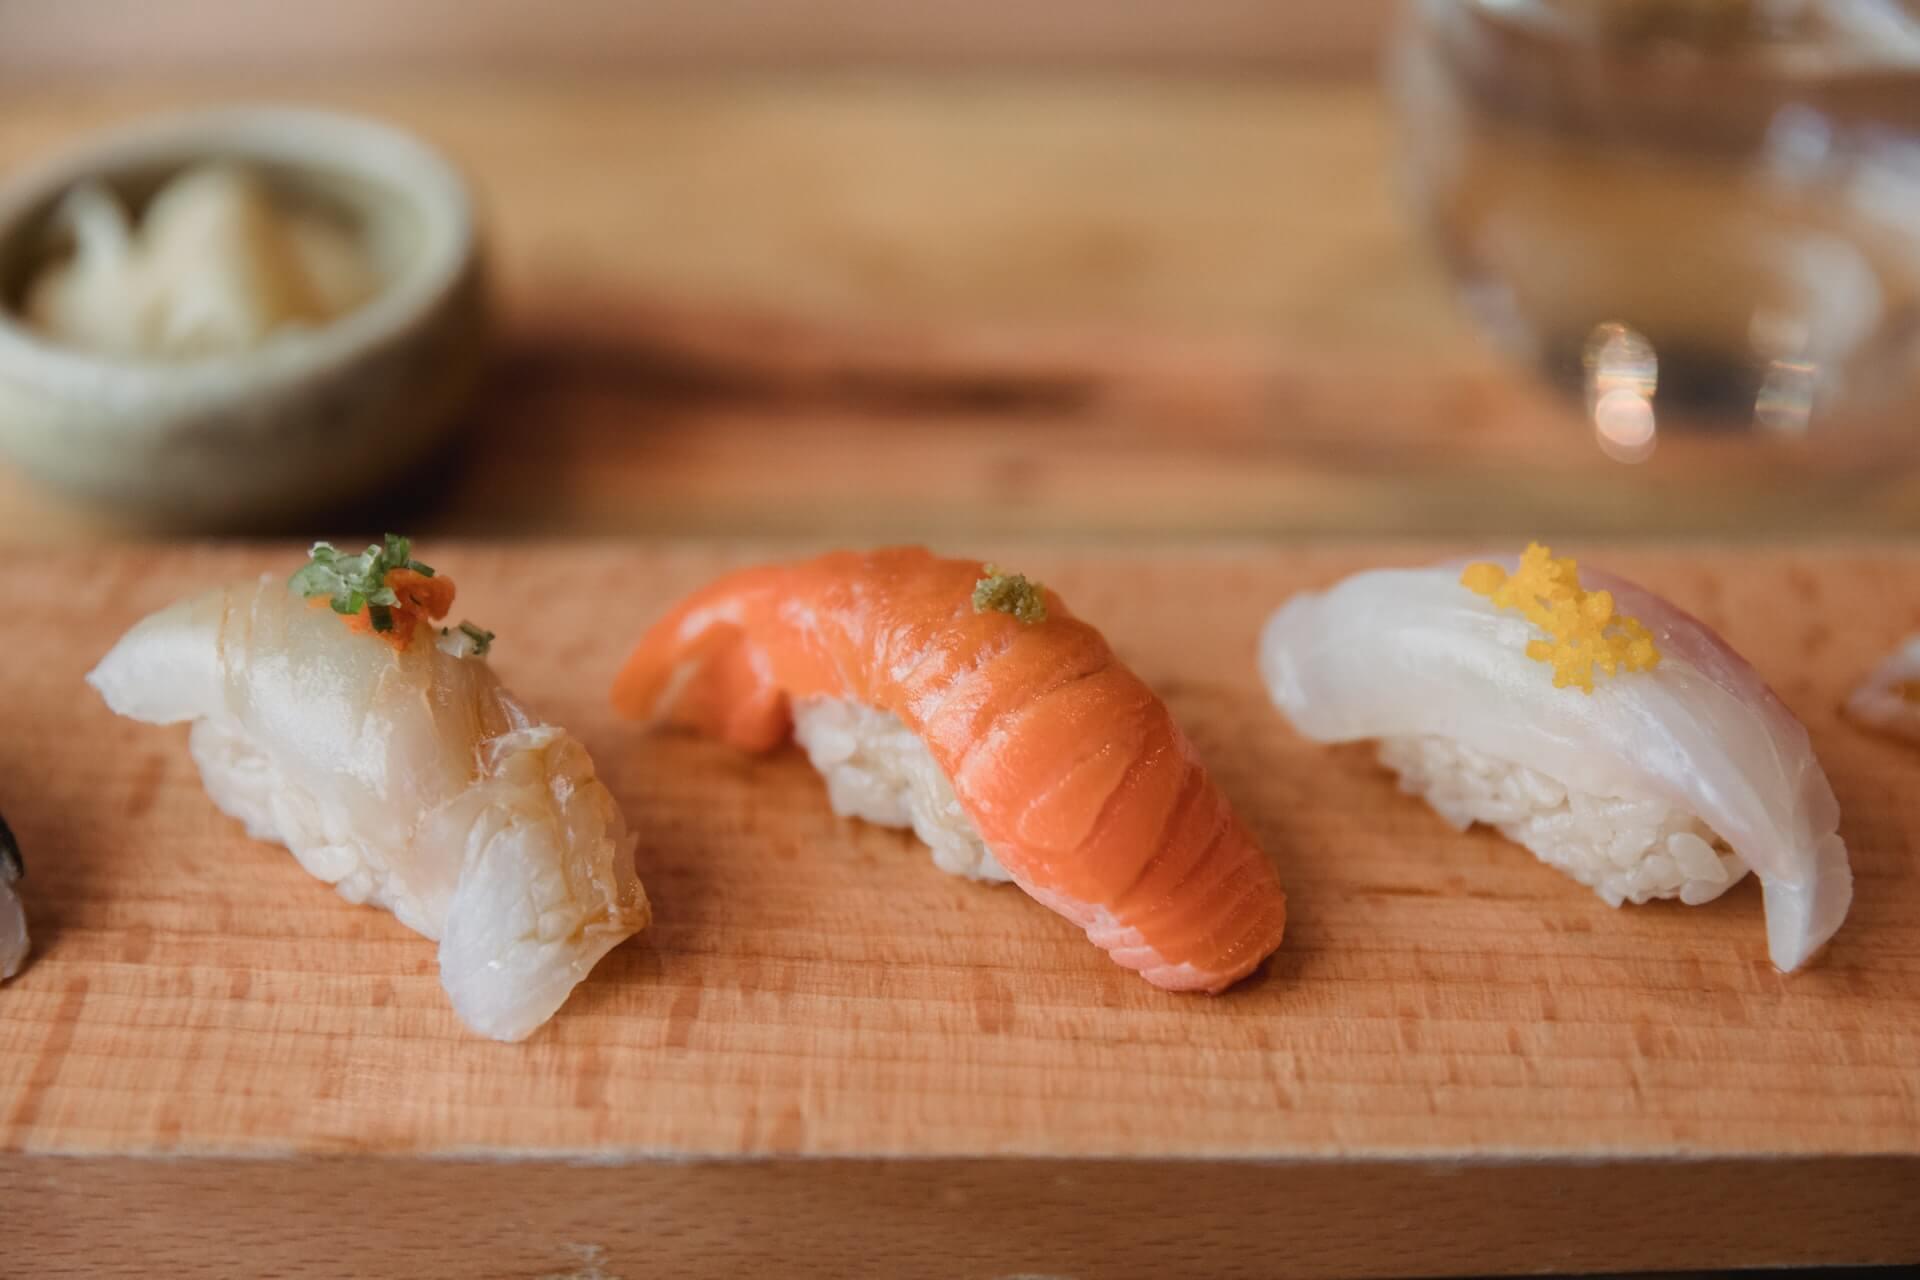 【日本料理】日本料理 台灣限定!台灣人開的日本料理店!